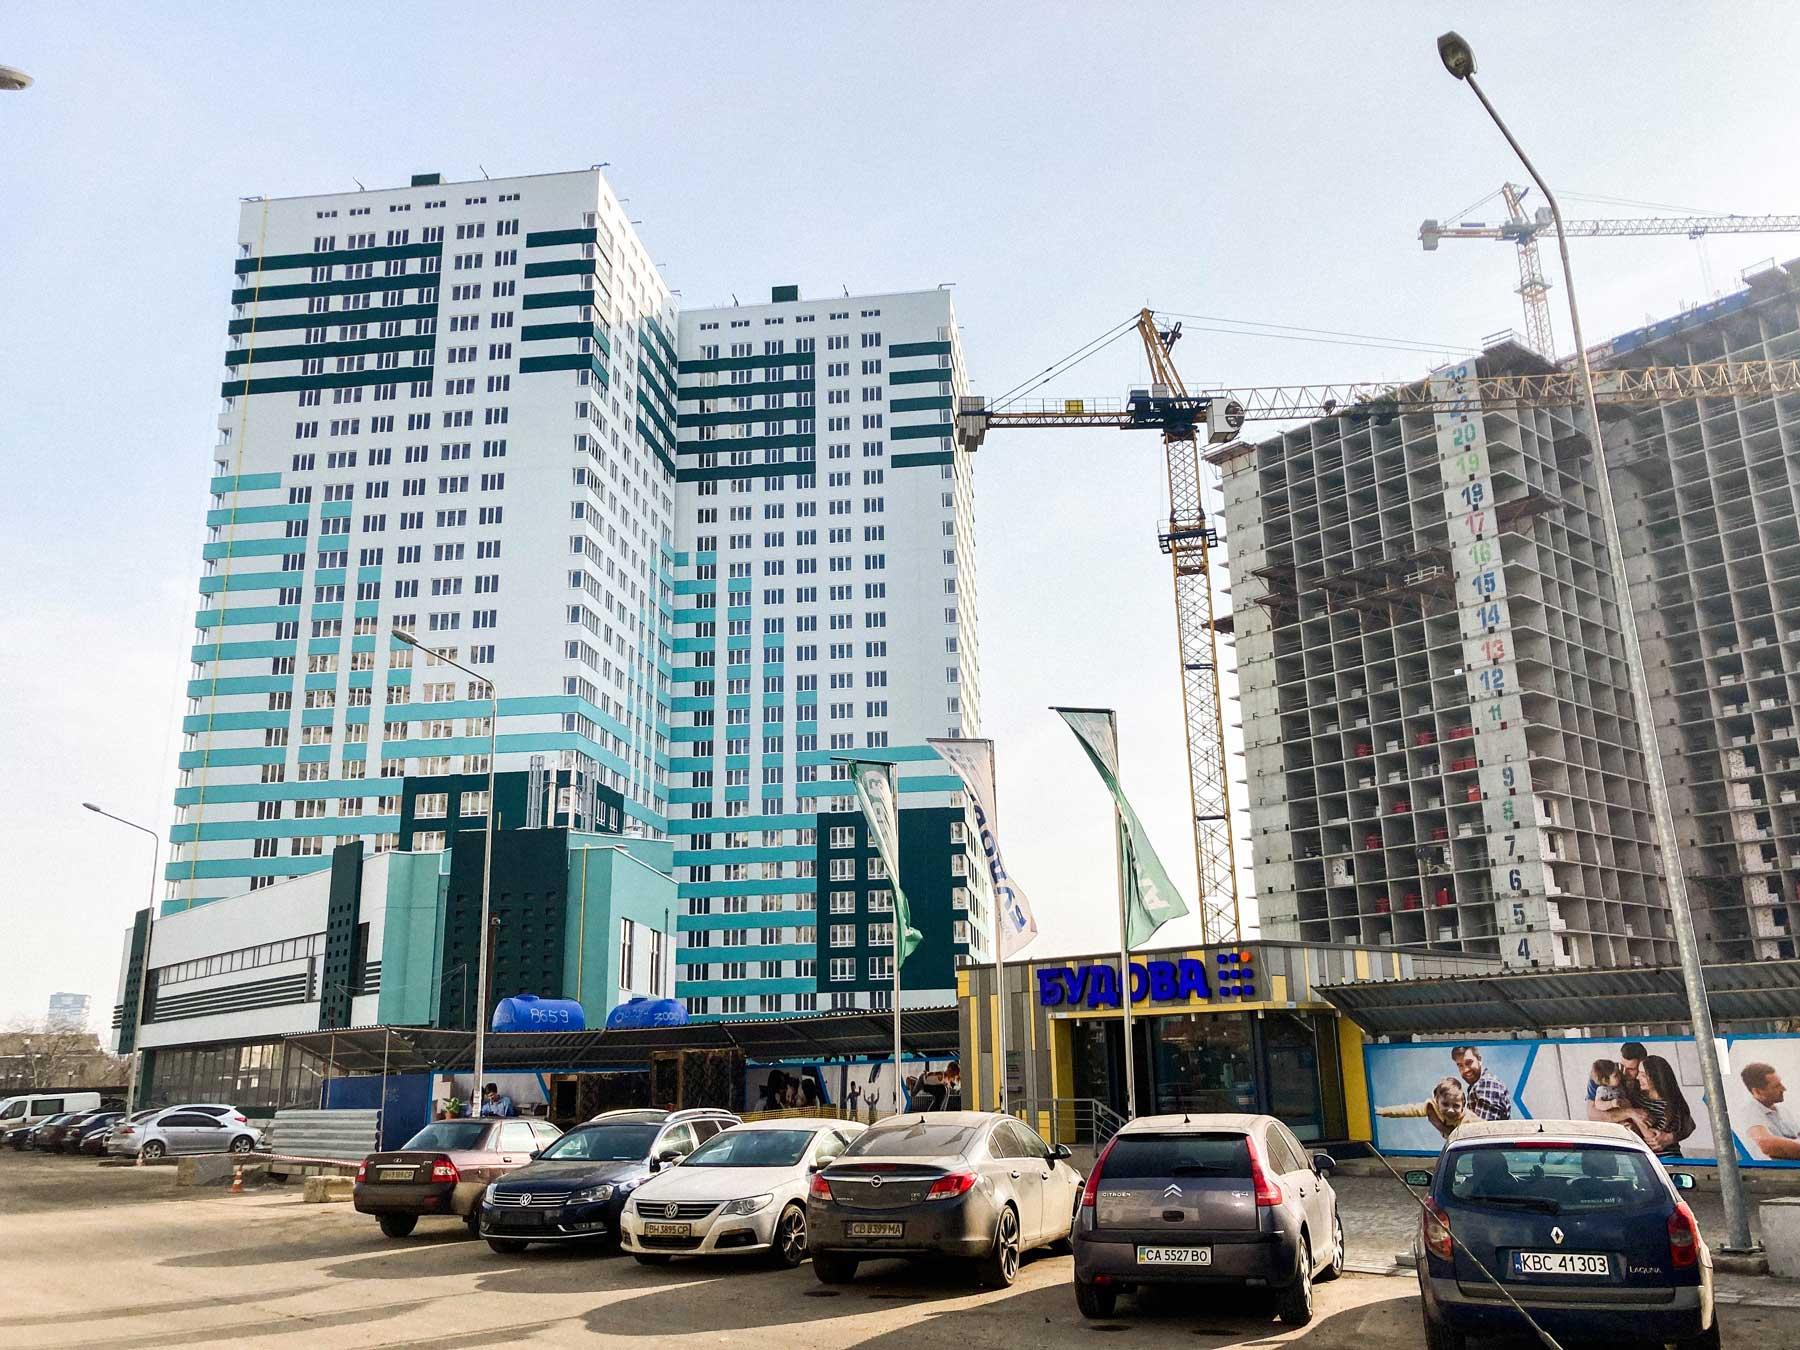 odesa property pelymski 04 - <b>75 метров беззакония.</b> В Одессе строят жилой комплекс, который угрожает полетам и госбезопасности - Заборона